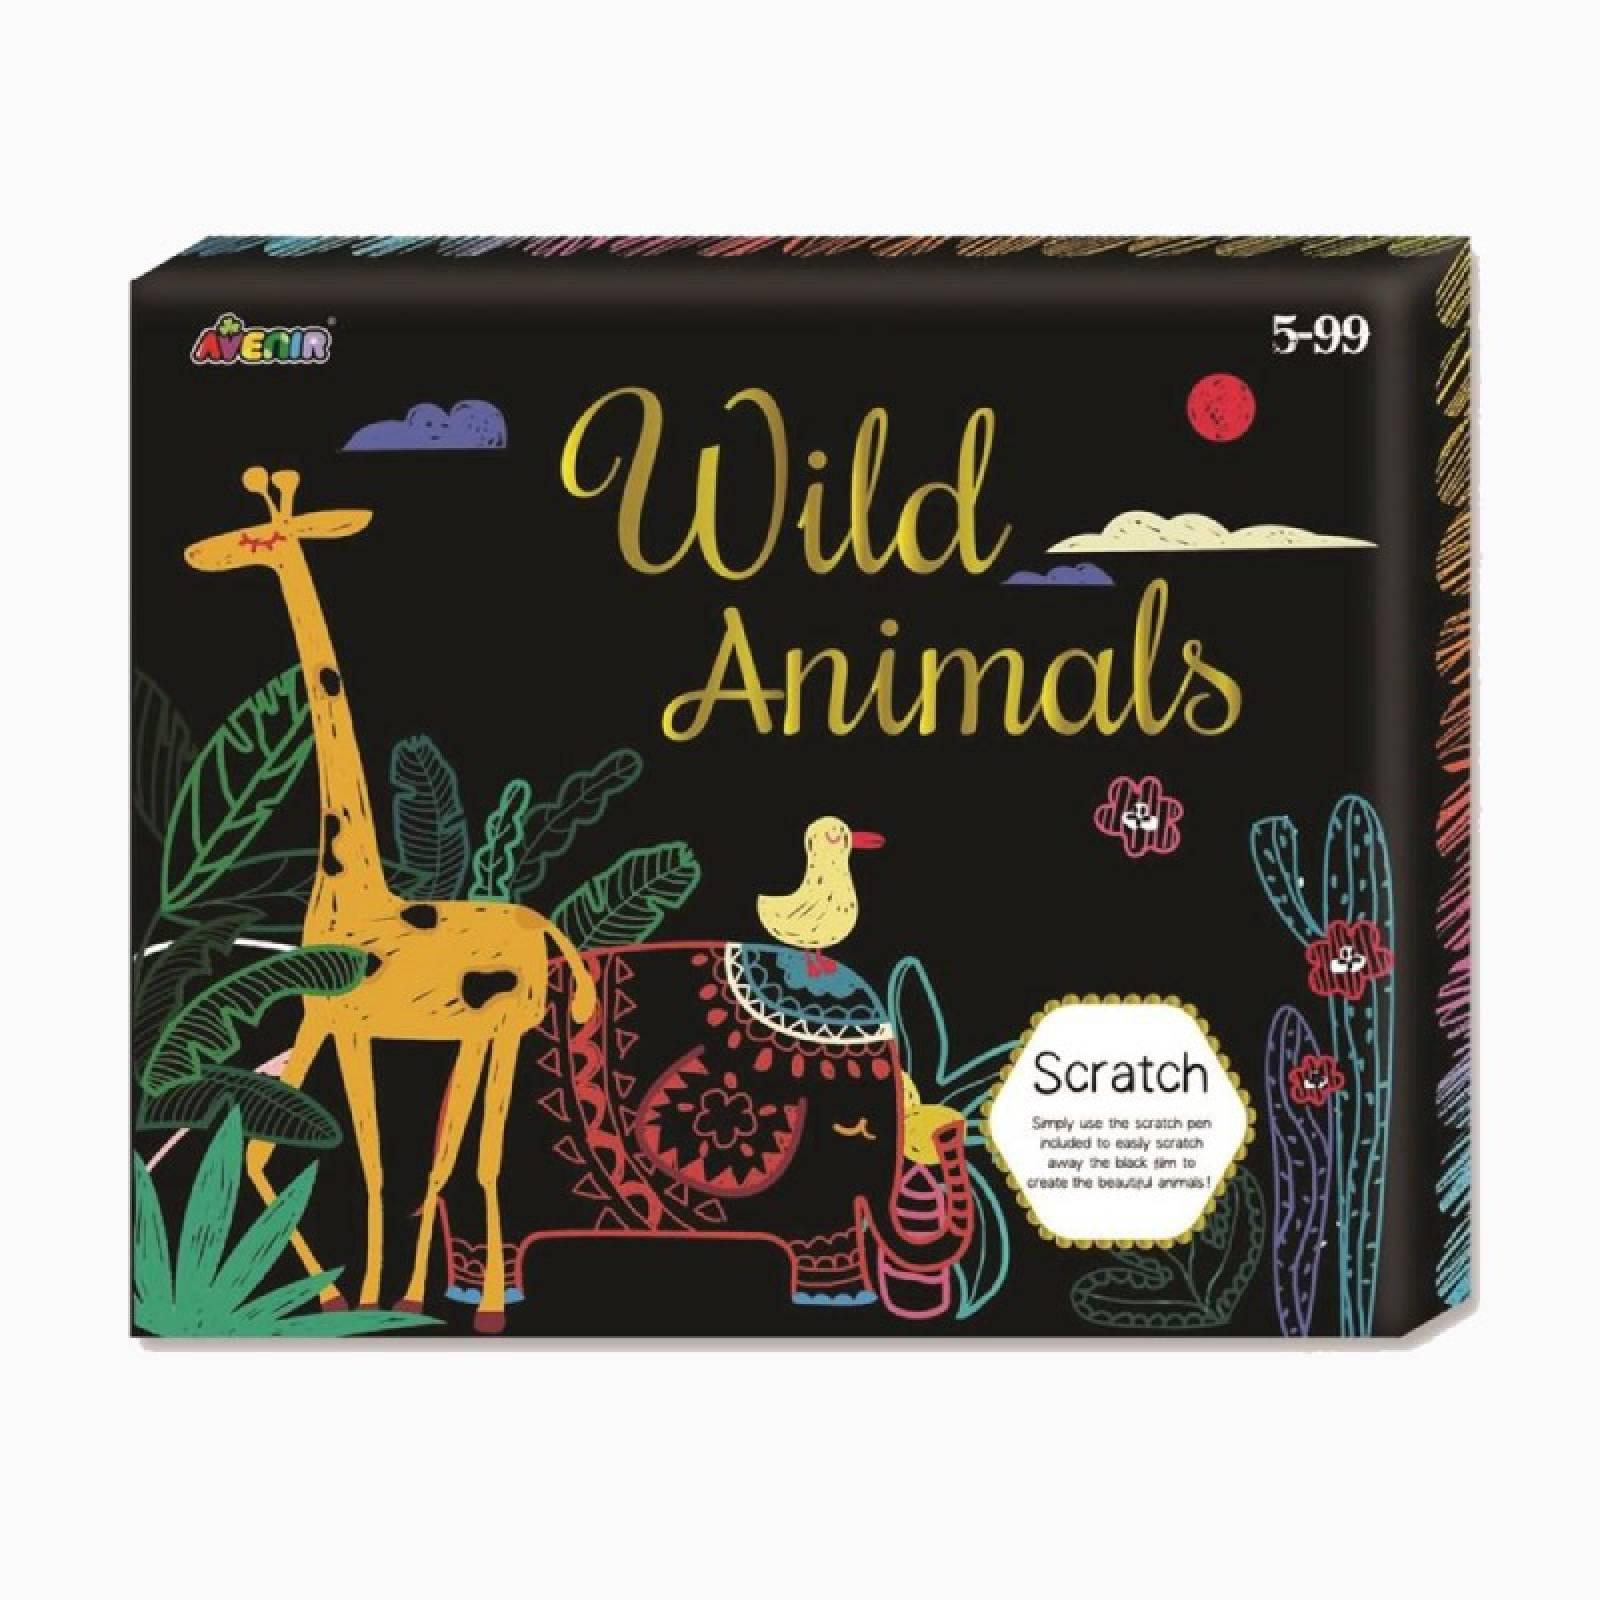 Scratch Card Box Set - Wild Animals 5+